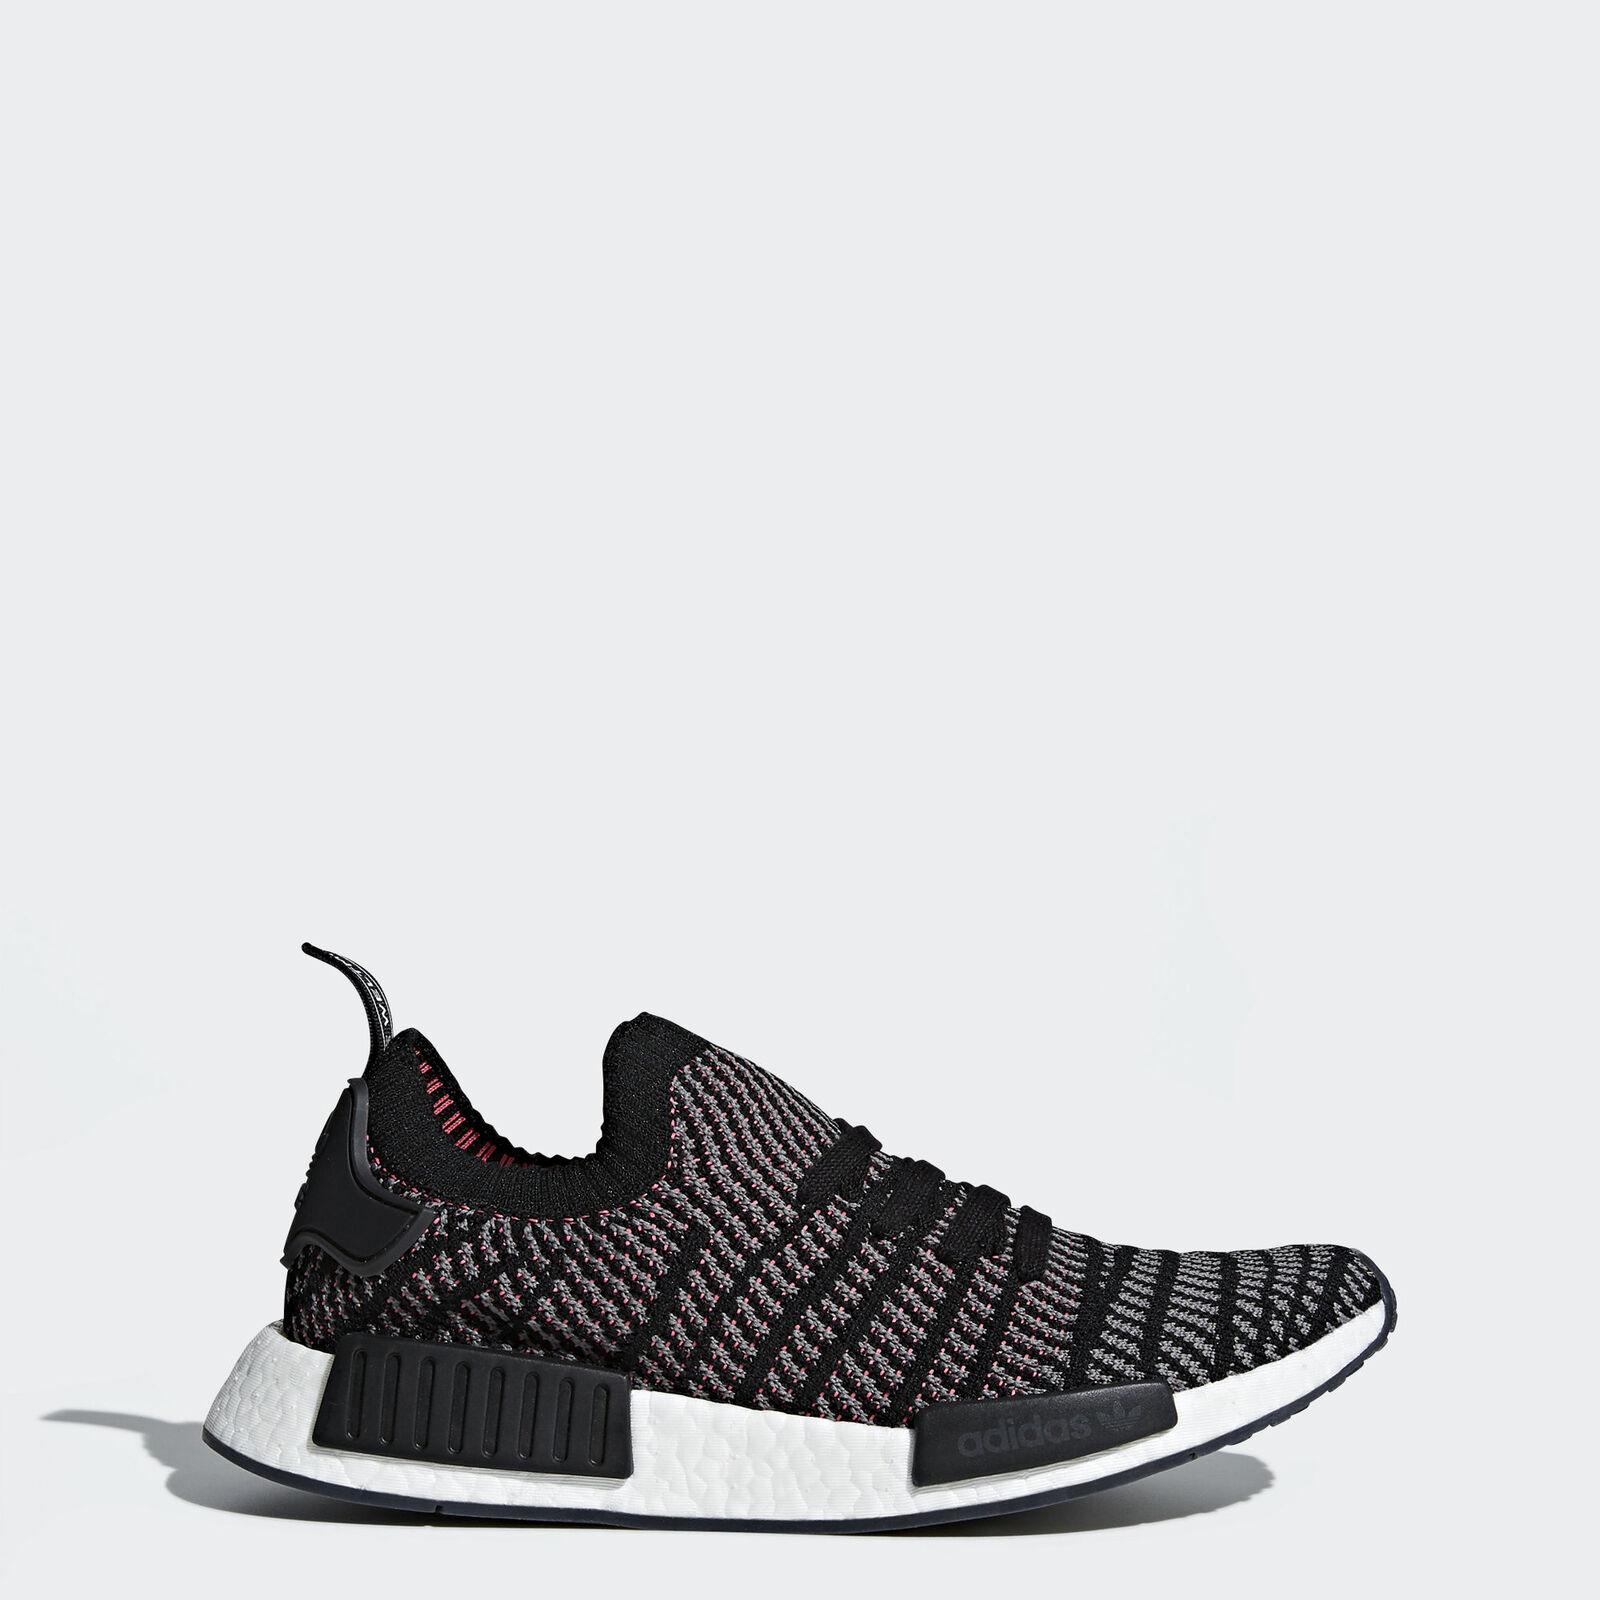 Adidas nmd_r1 stlt primeknit schuhe für männer